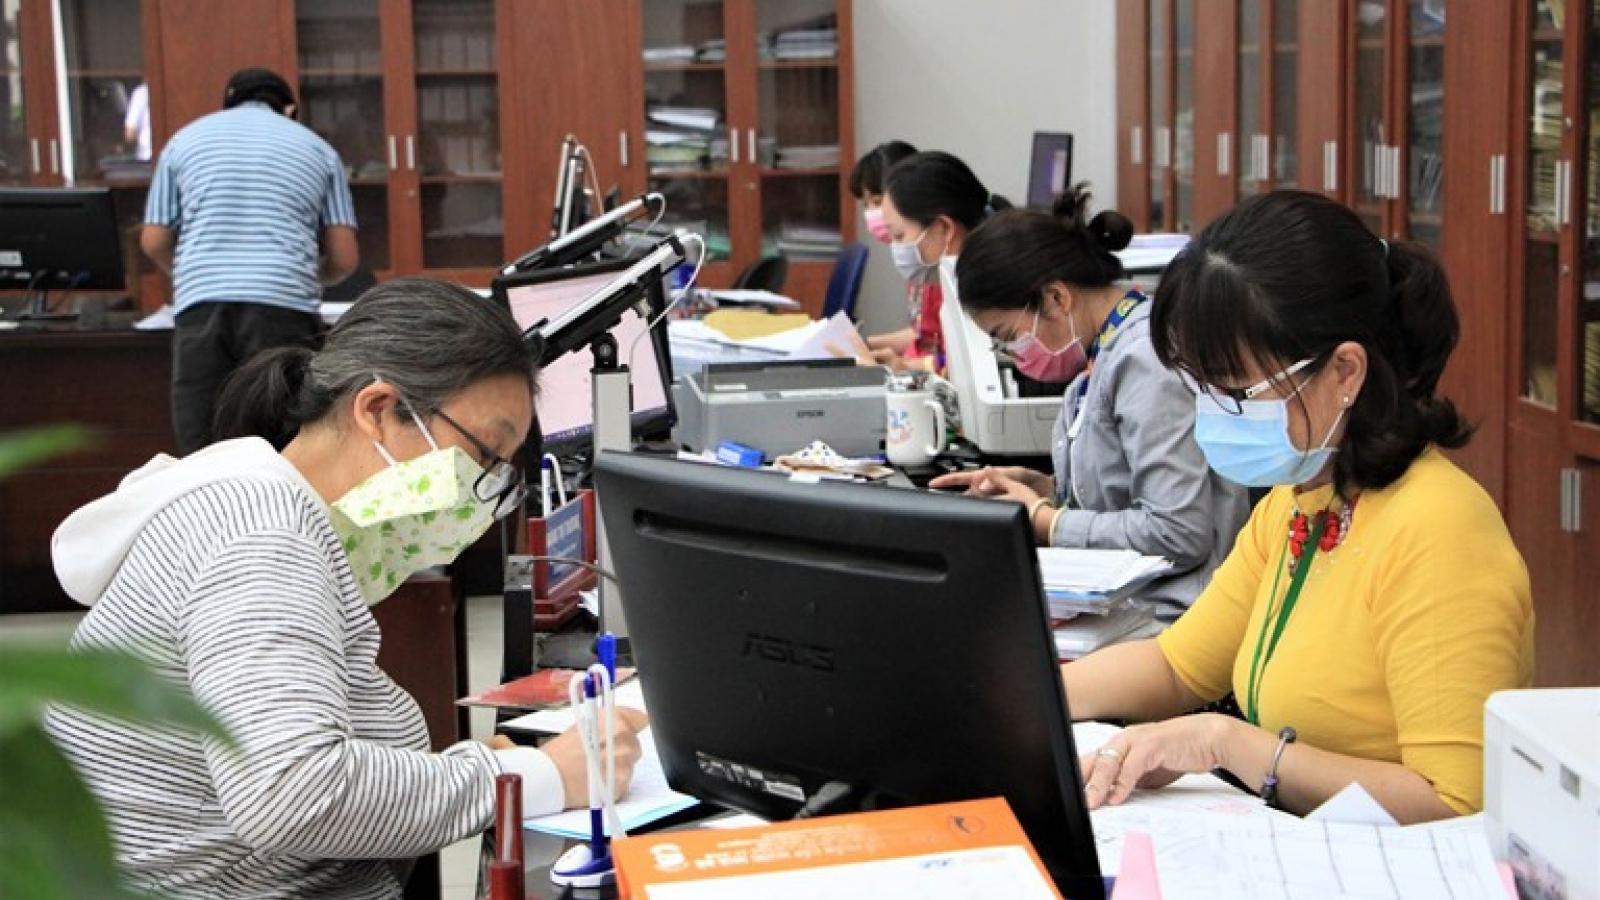 Hà Nội: 35 tỷ đồng hỗ trợ hàng chục nghìn người lao động ảnh hưởng do Covid-19